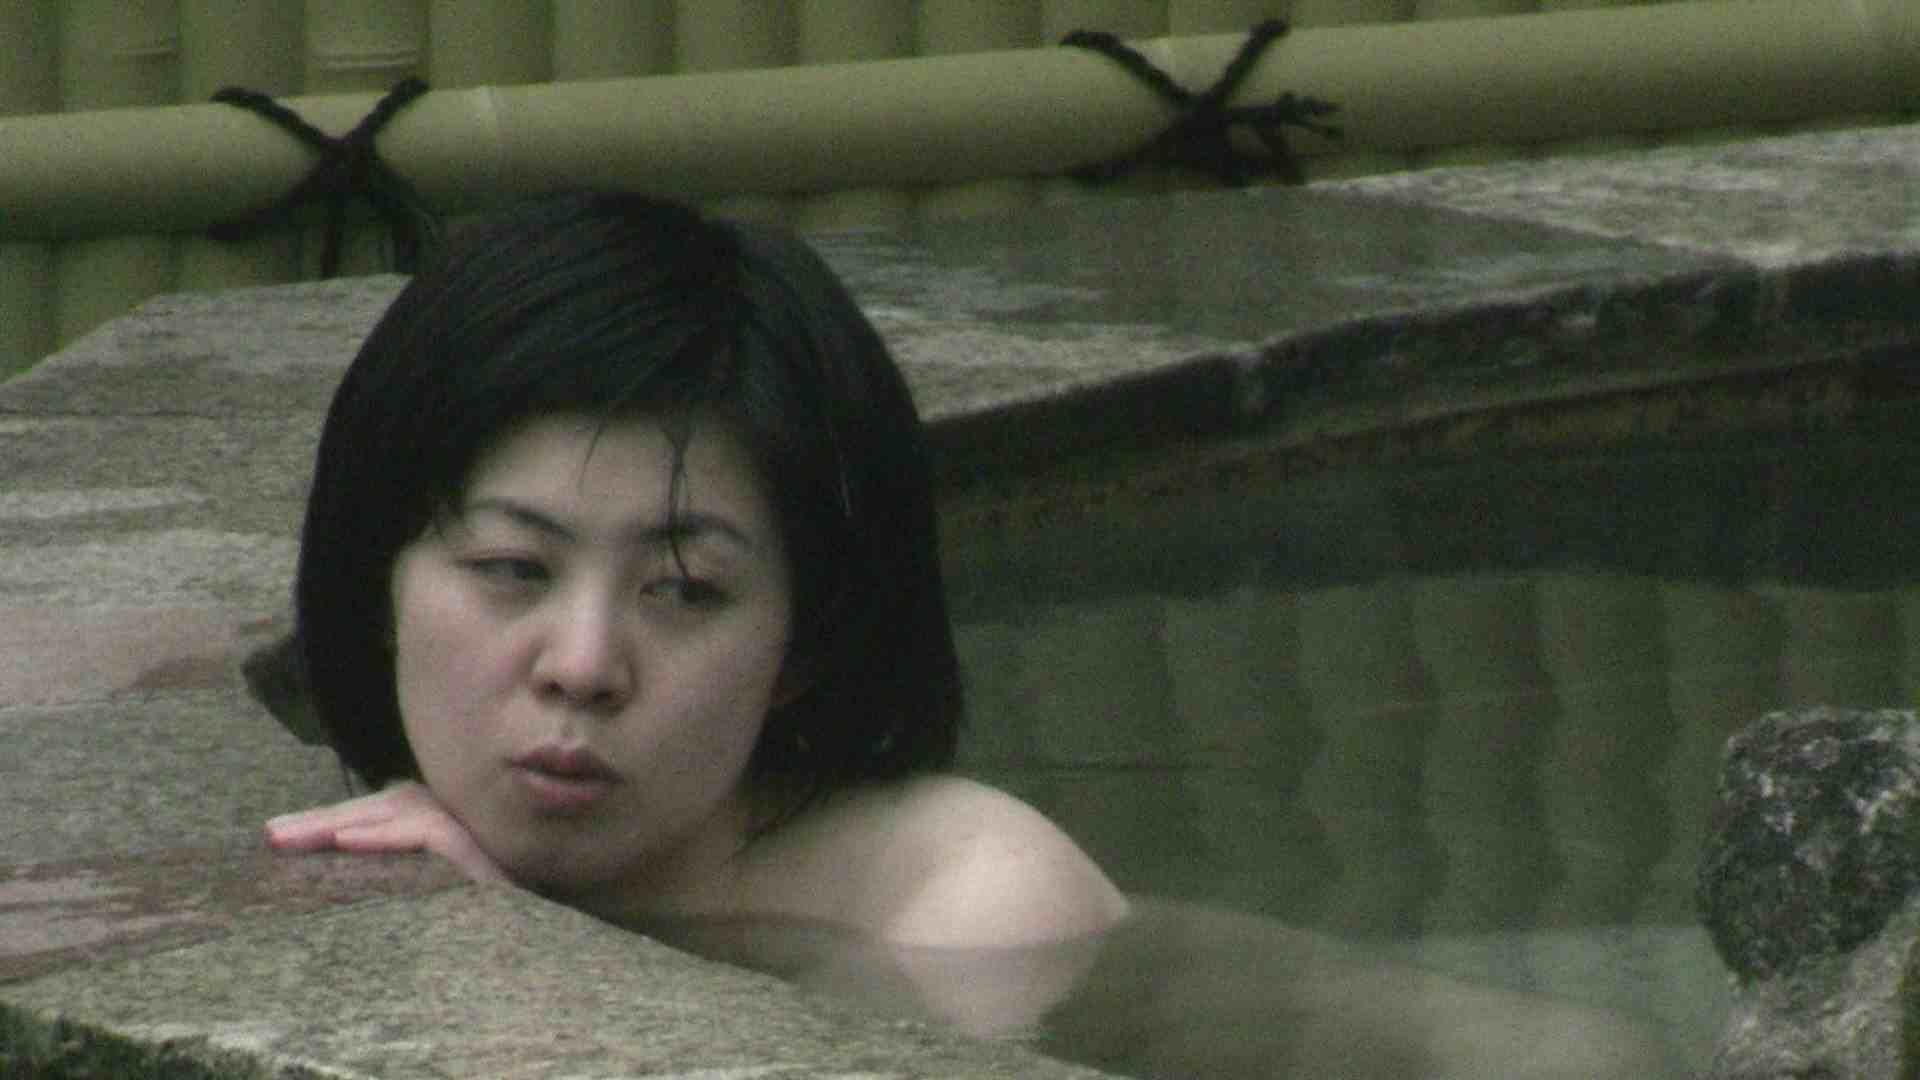 Aquaな露天風呂Vol.685 露天風呂  9枚 6